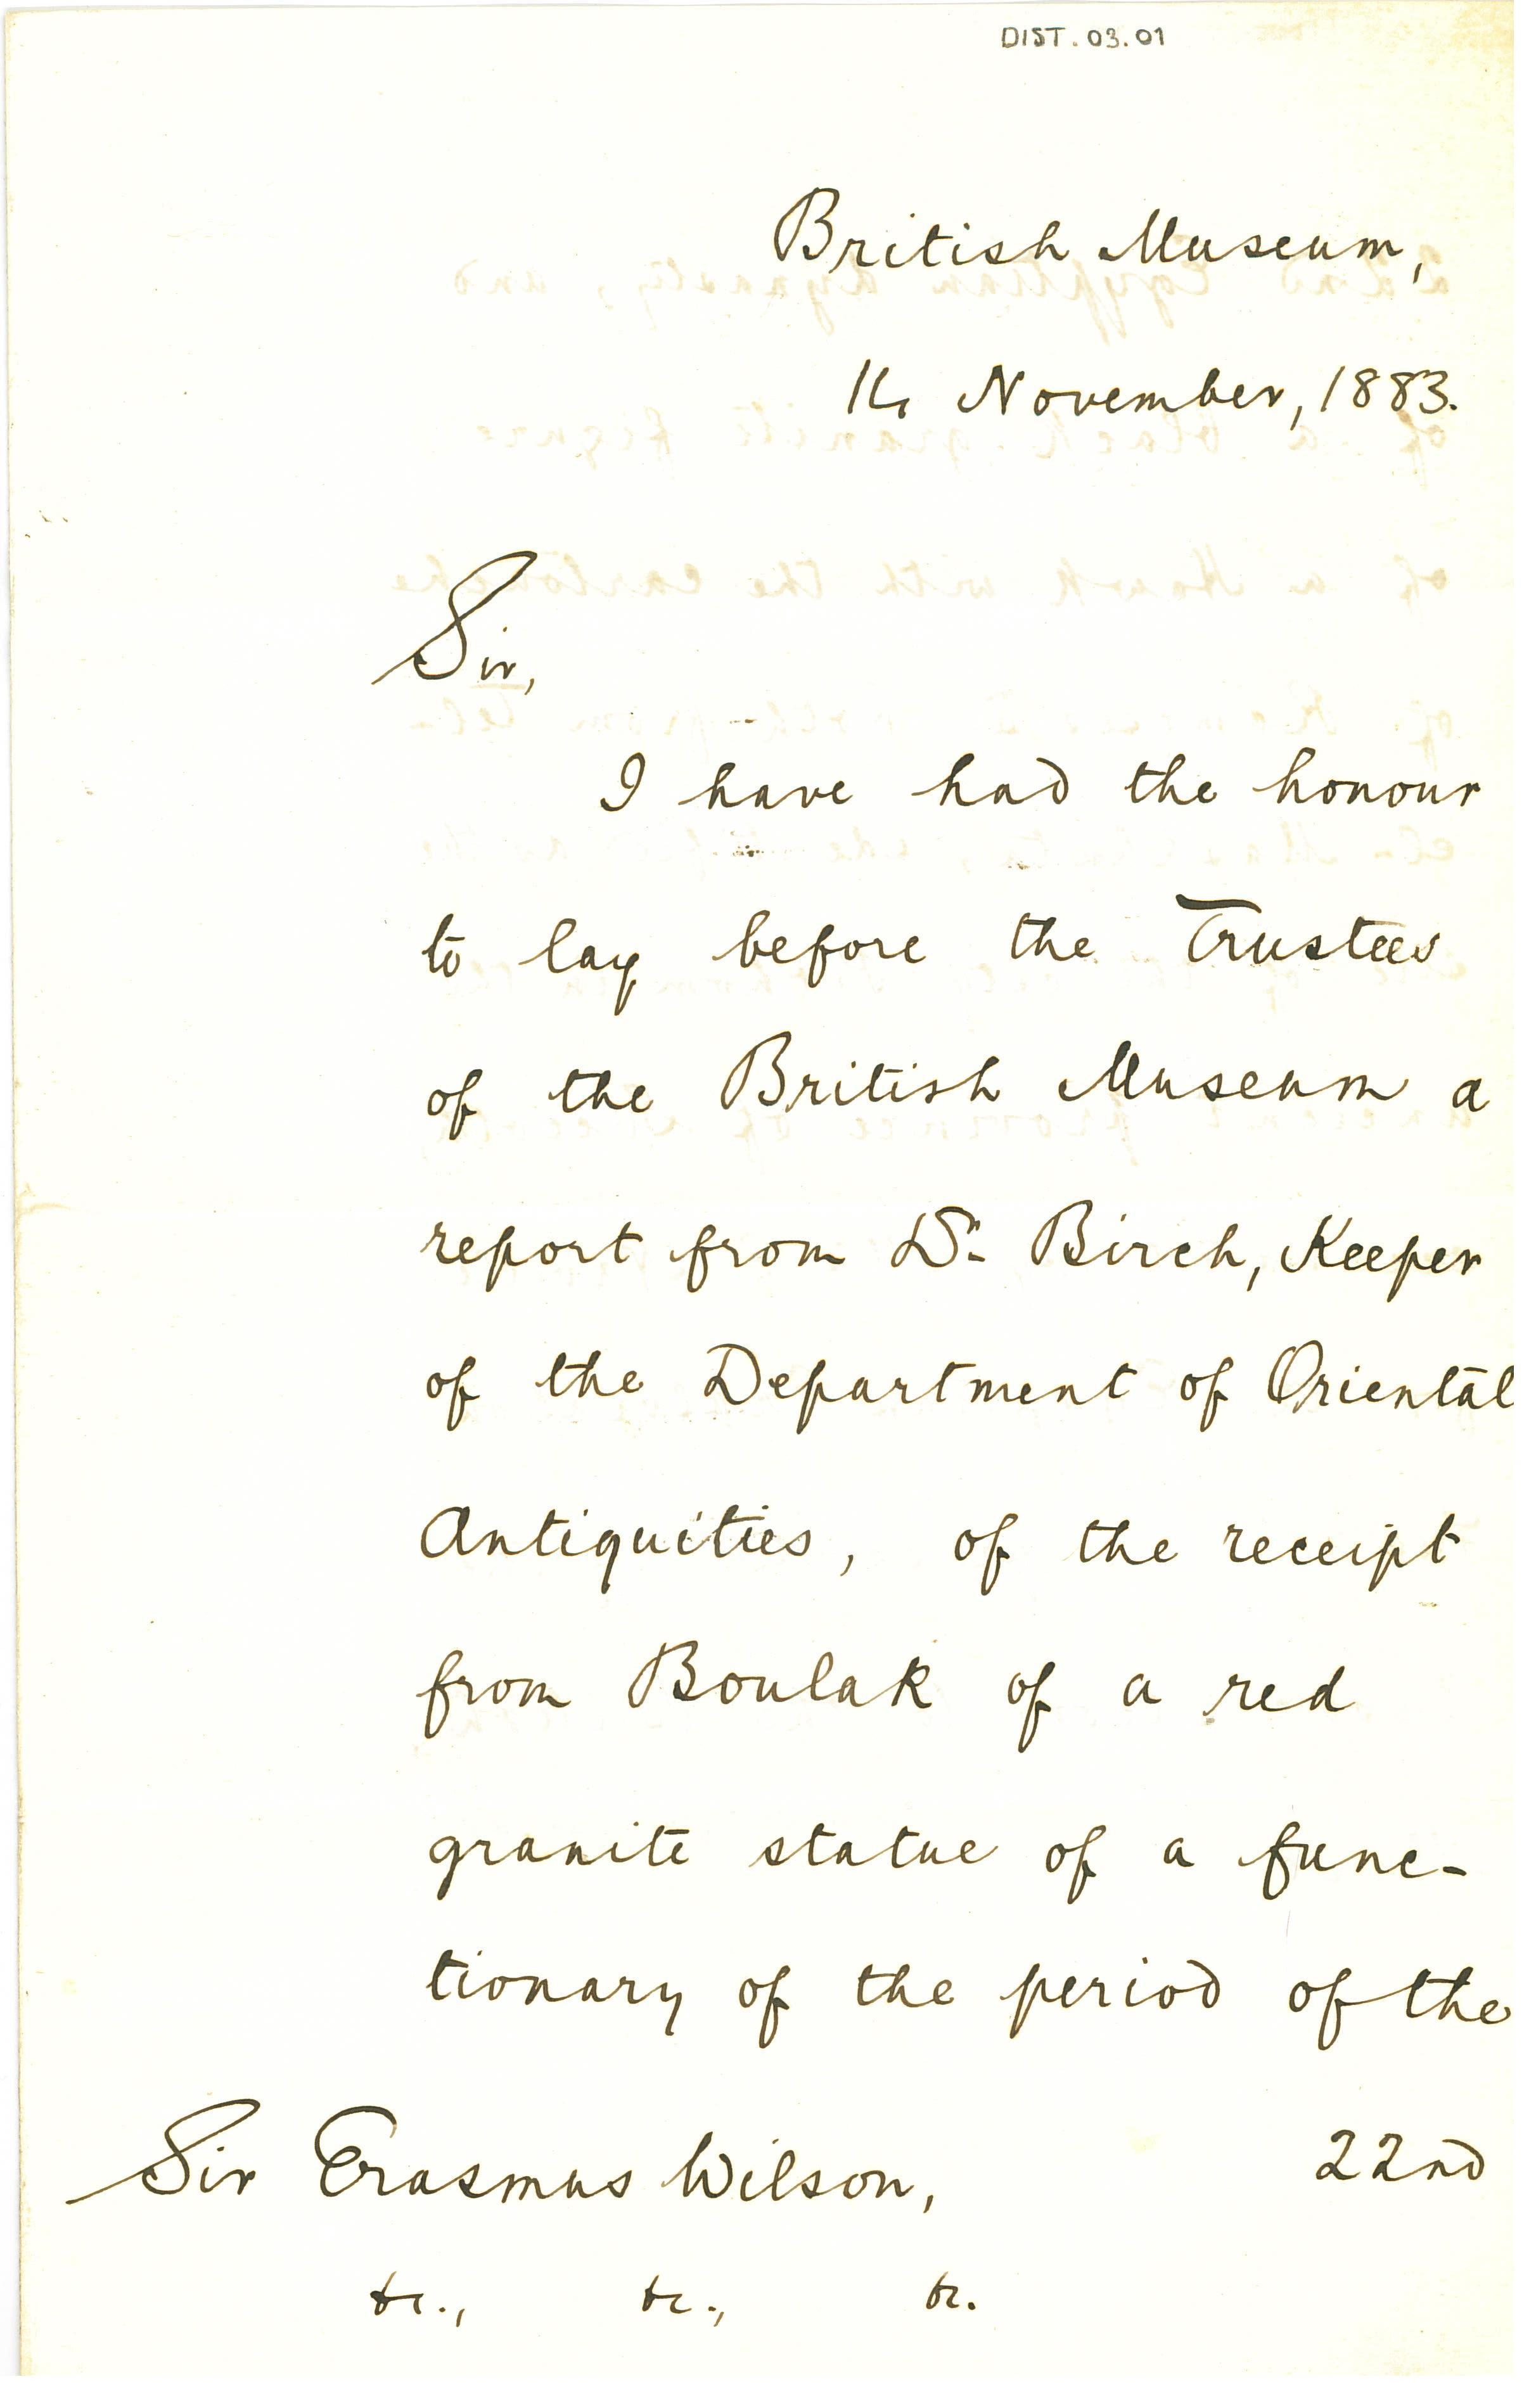 1883 Tell el-Maskhuta Correspondence DIST.03.01a